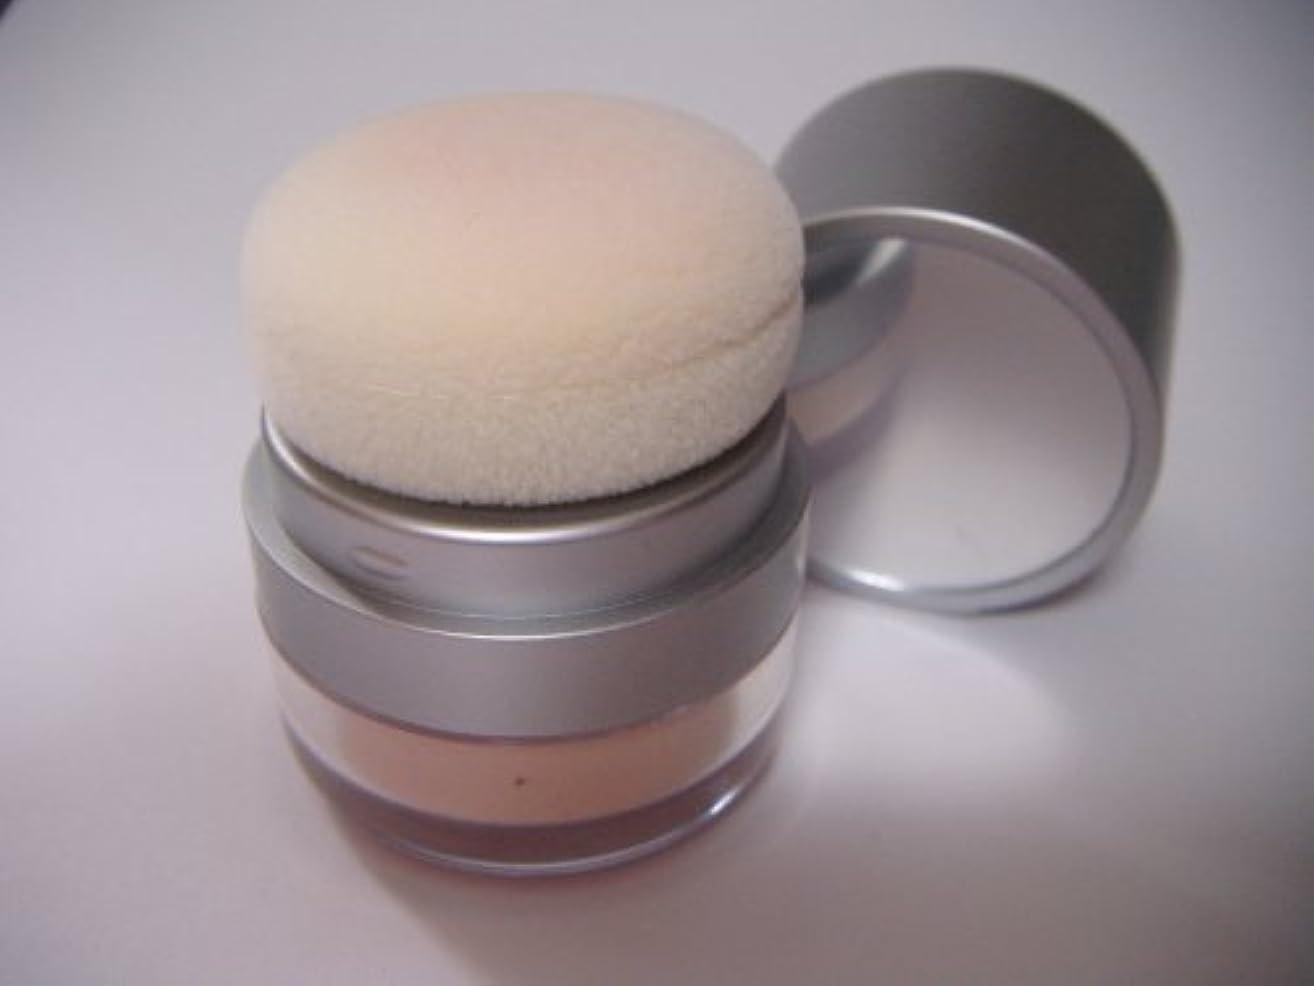 カルシウムドロー震えUVプルーフブリリアントルースパウダー(8g)